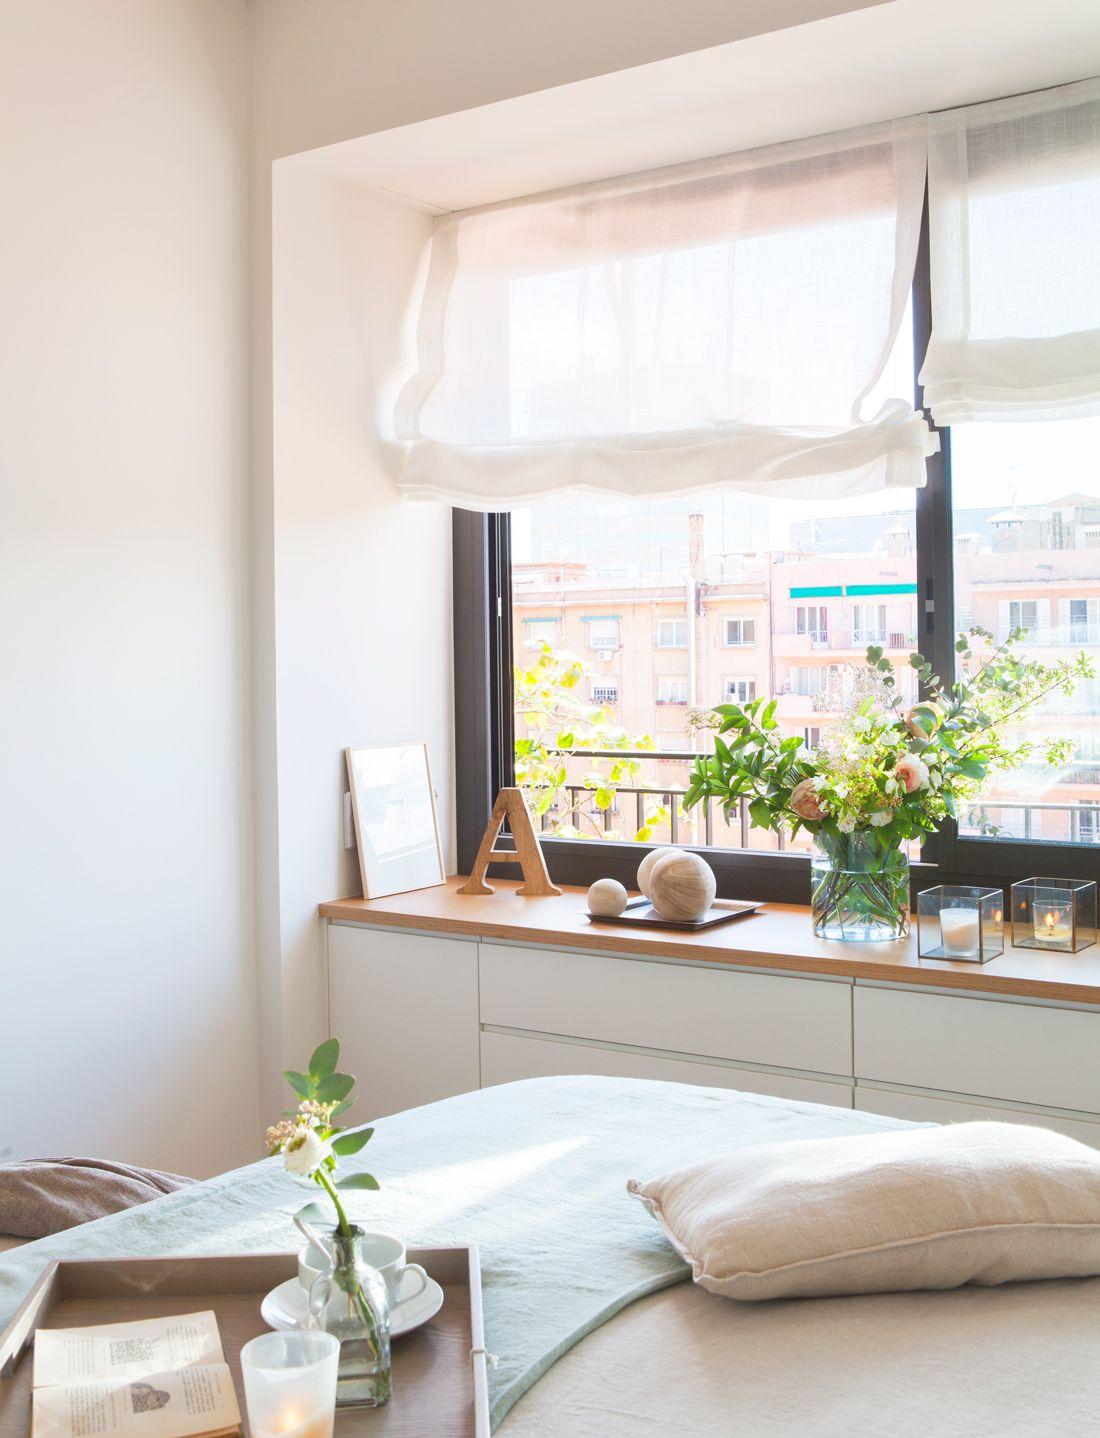 Una estupenda vivienda funcional clida y atemporal homie - Bancos para dormitorio matrimonio ...